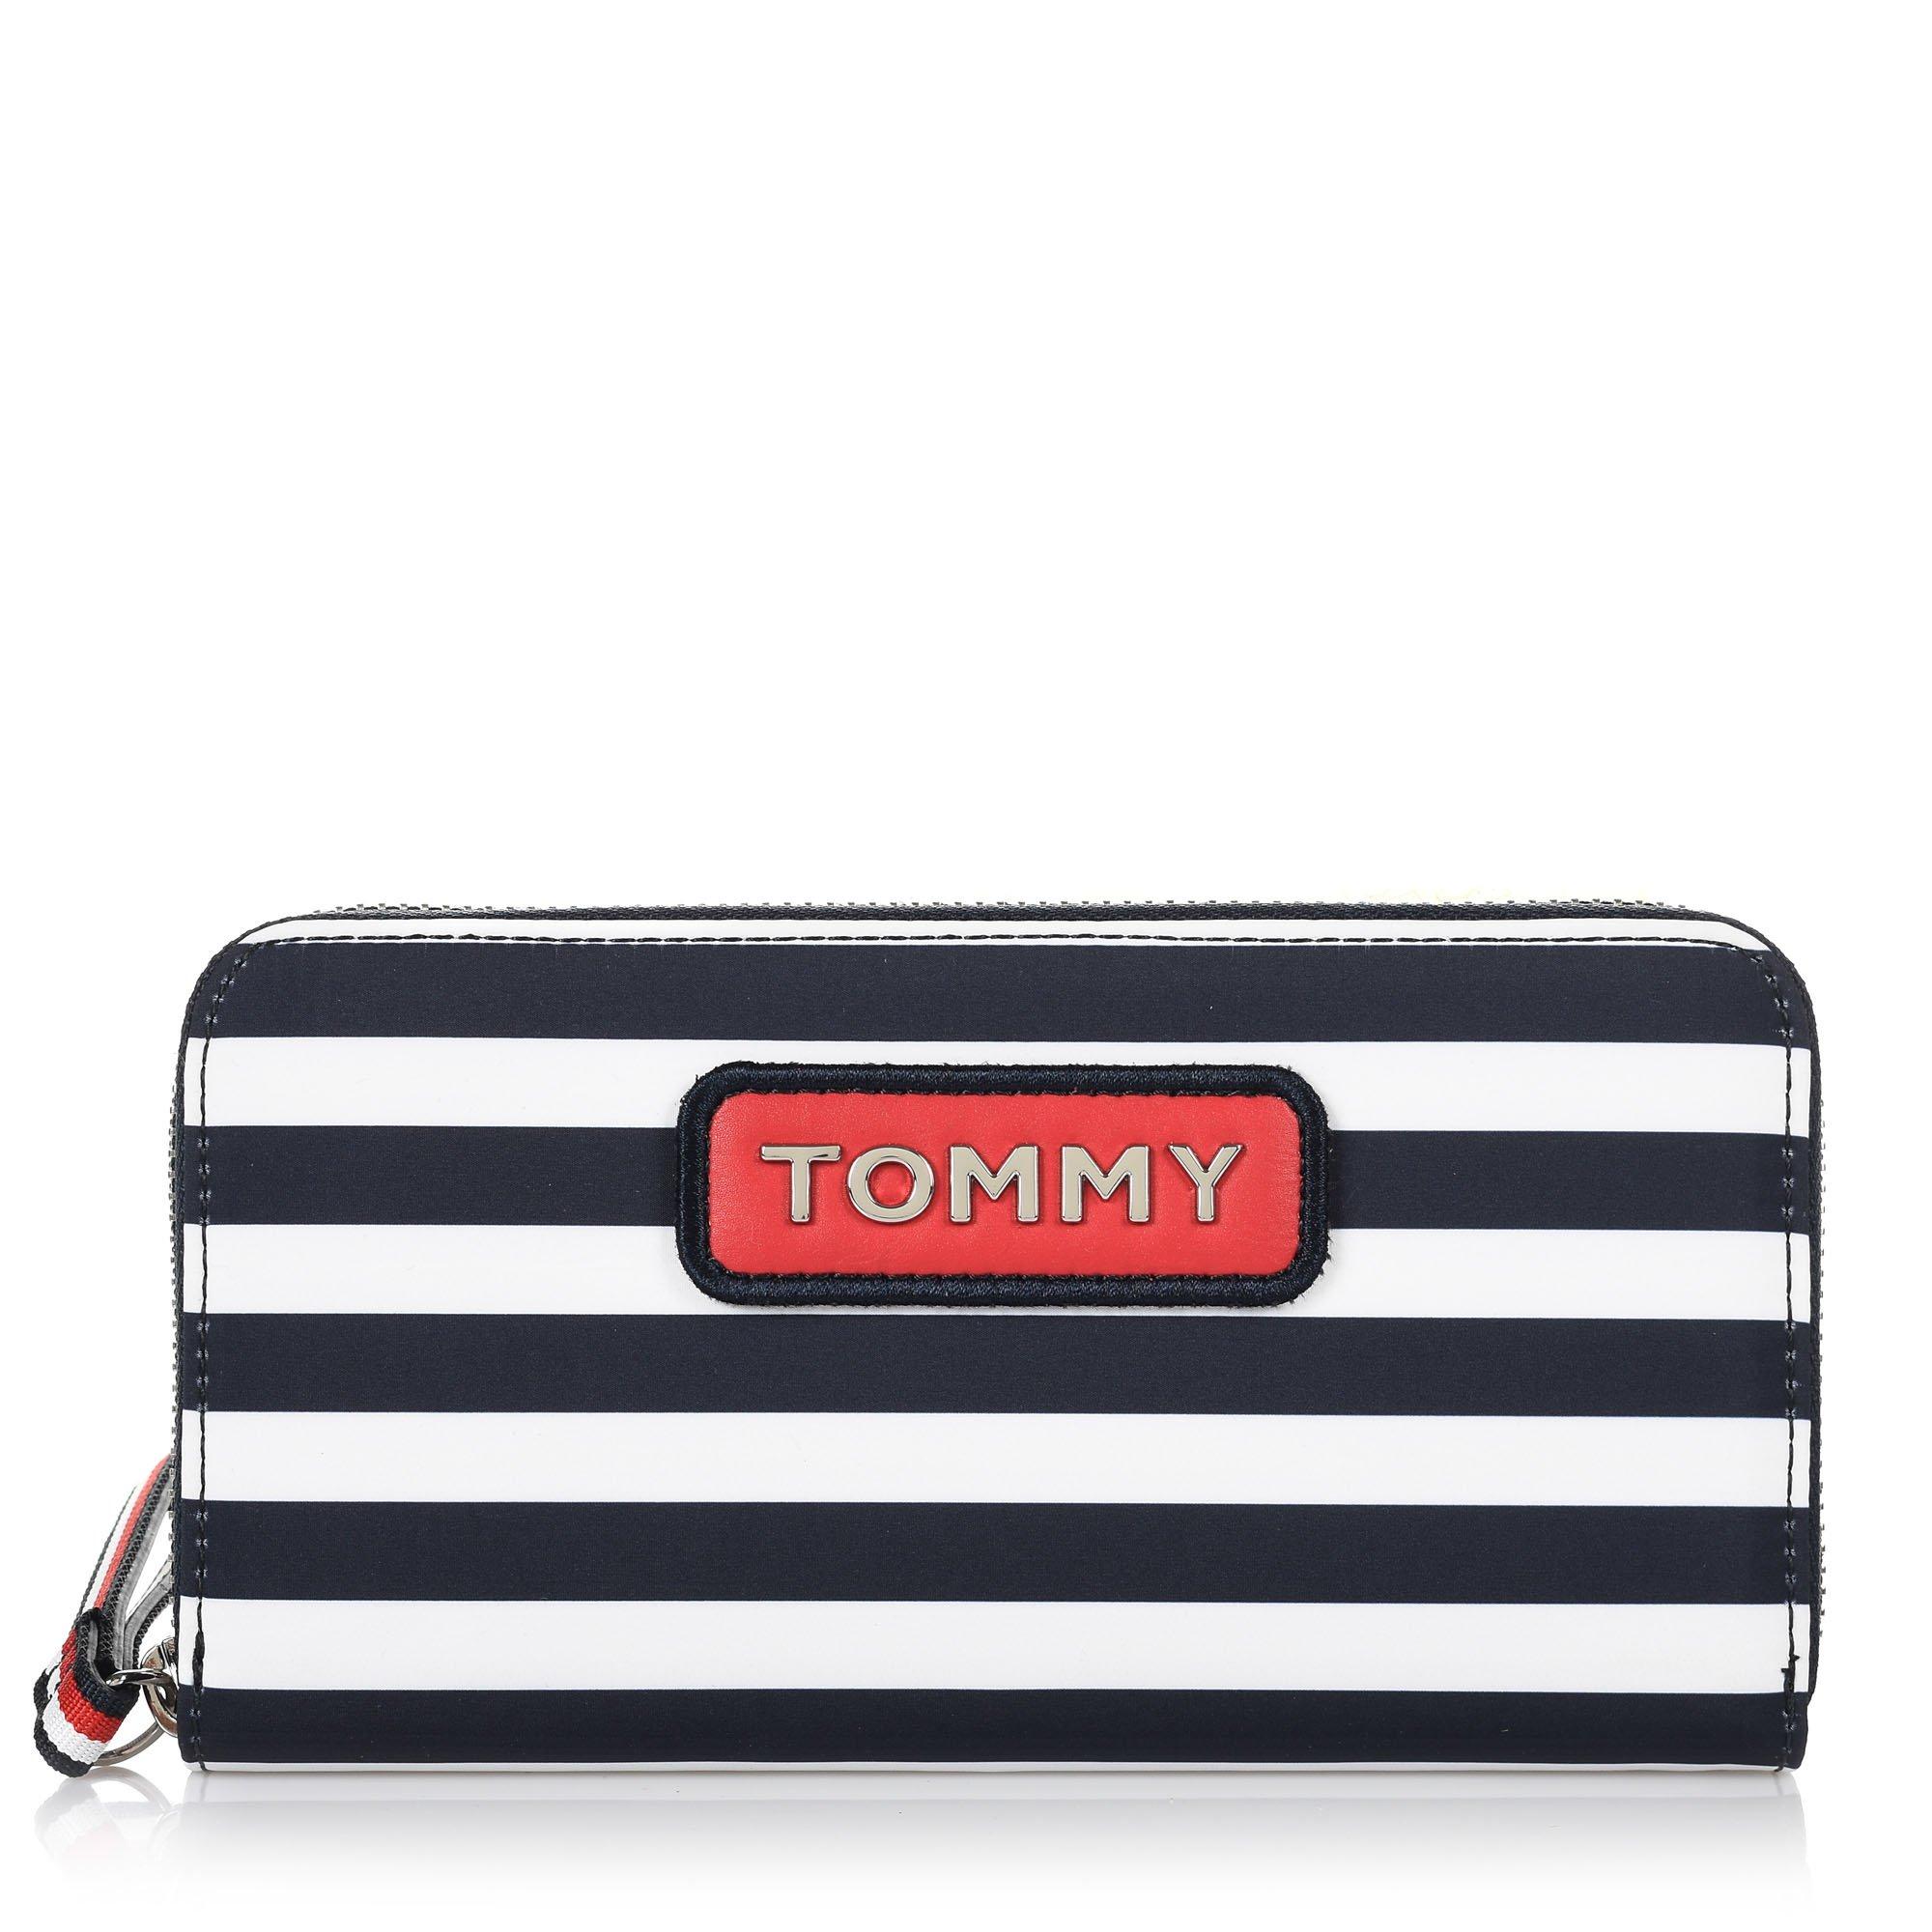 Πορτοφόλι Κασετίνα Tommy Hilfiger Varsity Nylon LRG ZA Stripe AW0AW06268 ff53dfec958